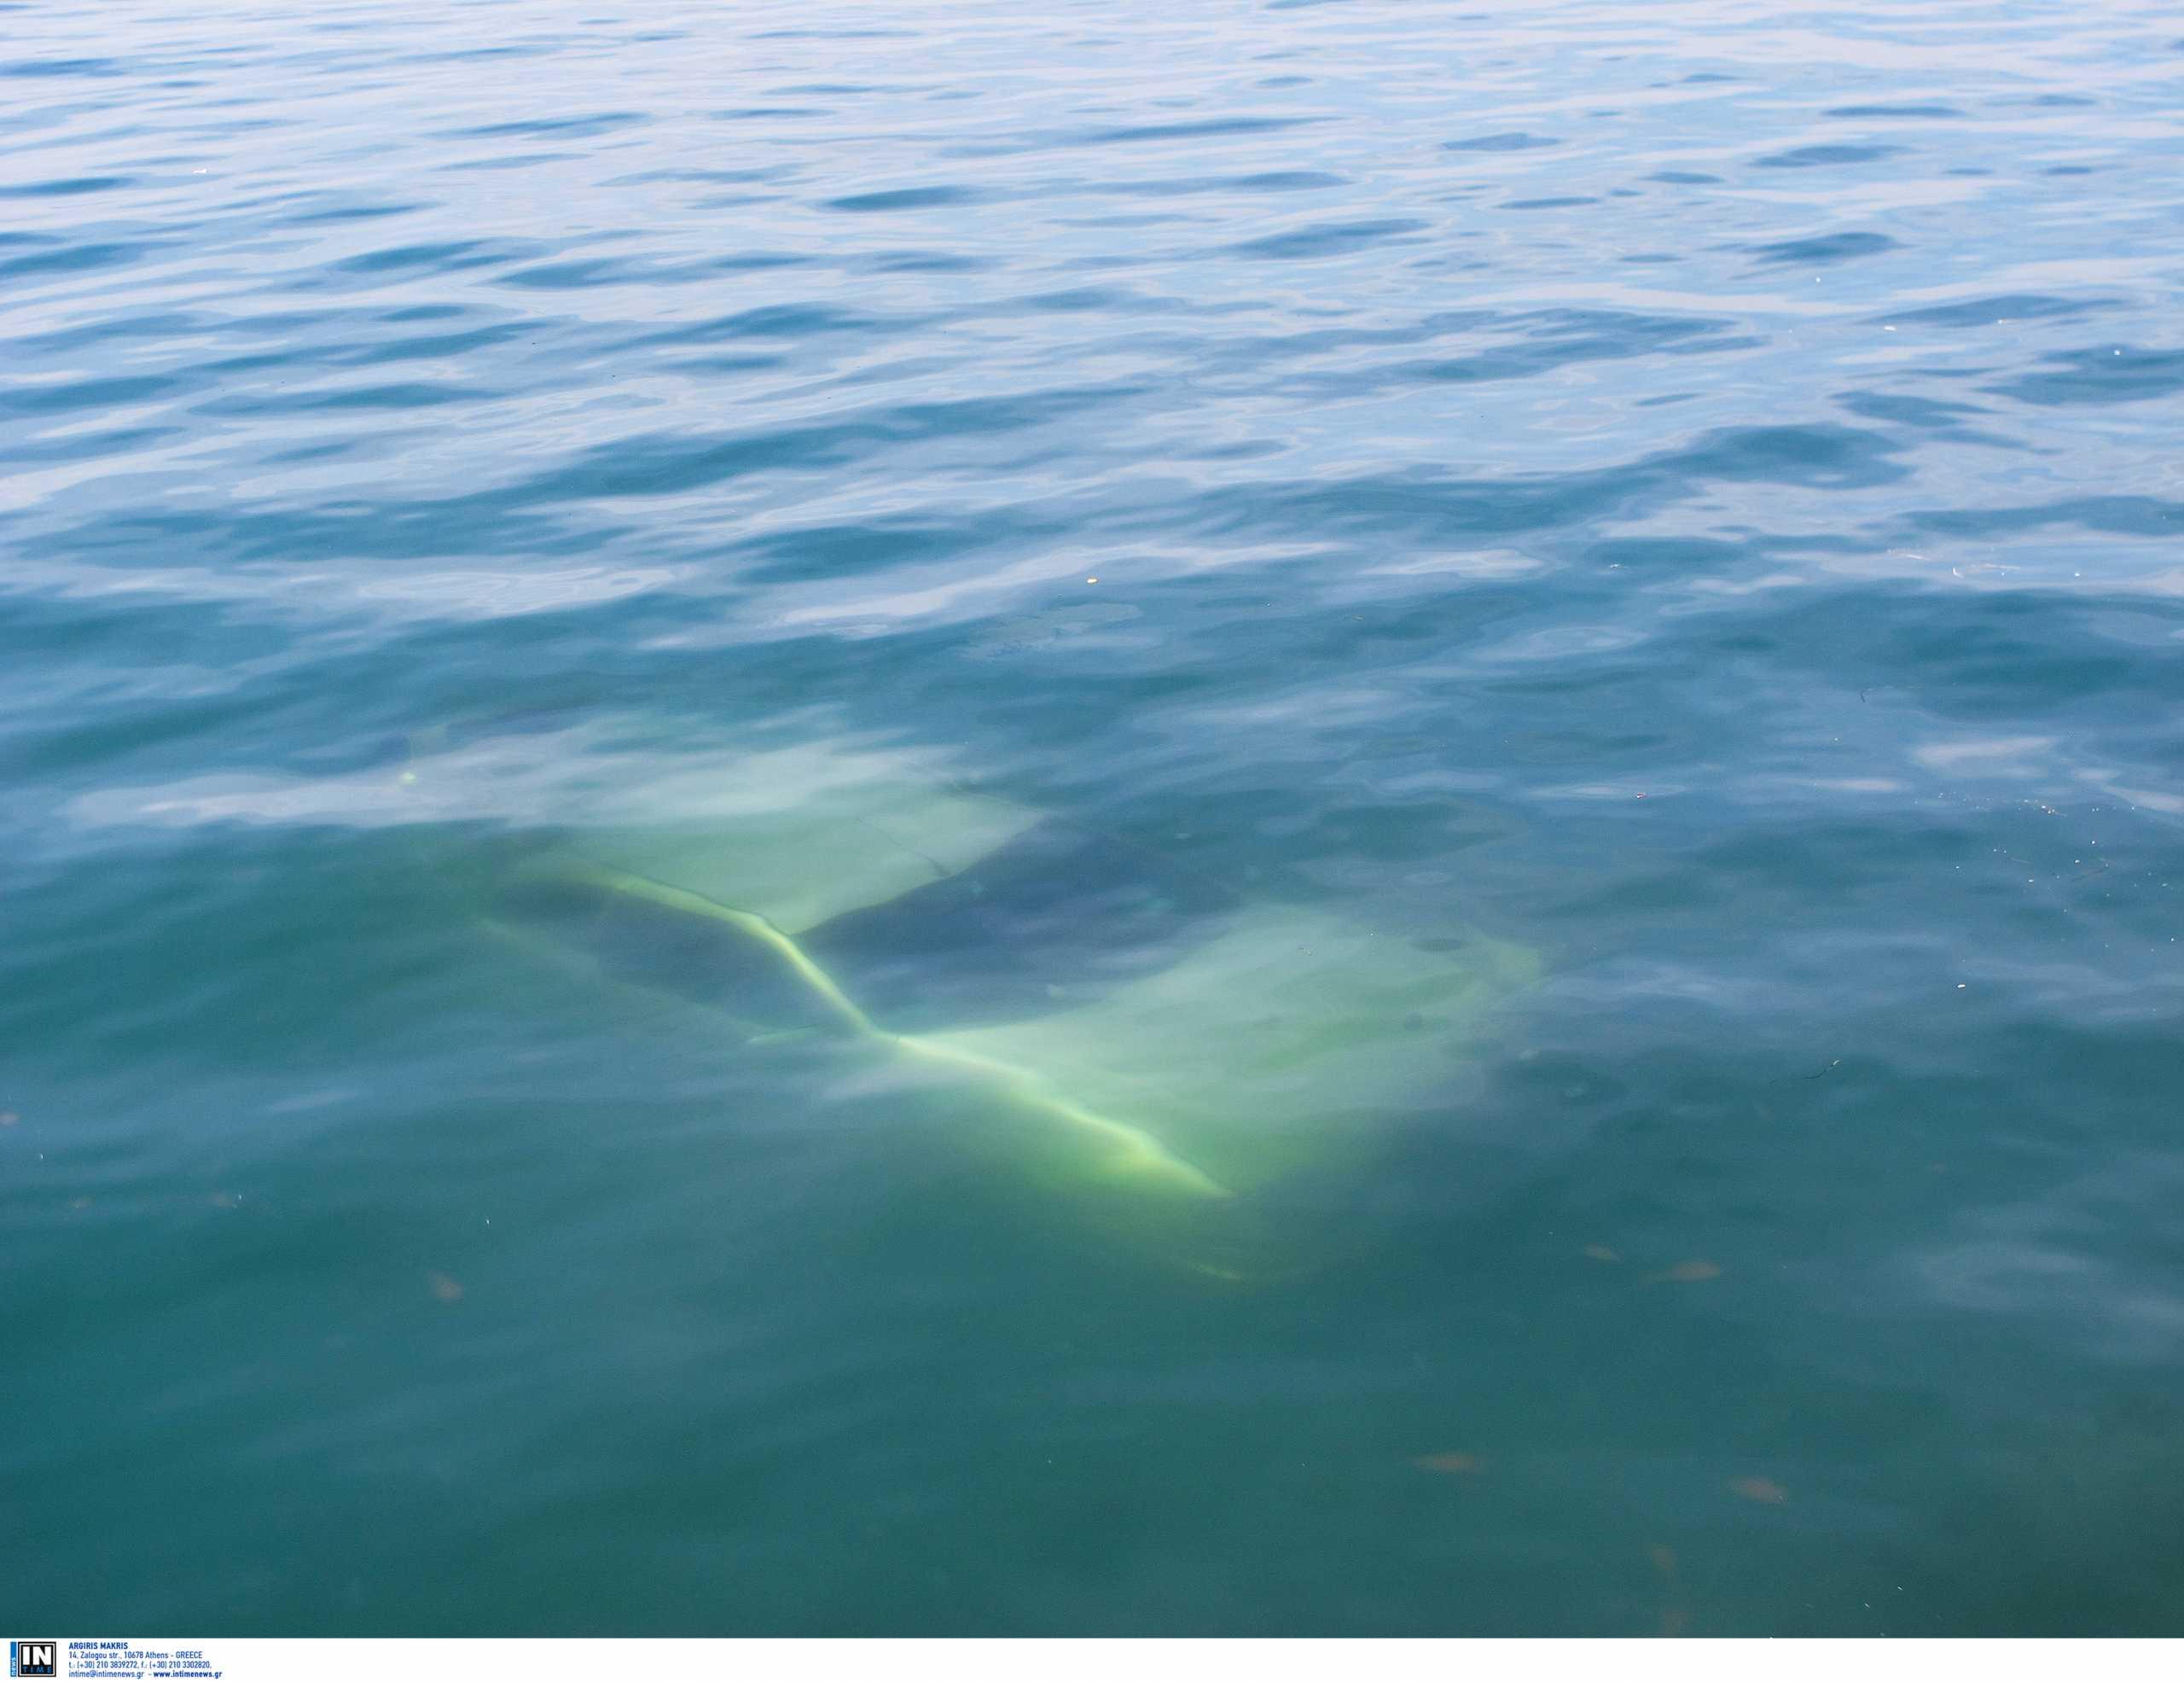 Φωκίδα: Νεκρός οδηγός στο βυθό της θάλασσας – Η μοιραία πτώση του αυτοκινήτου στην Ιτέα